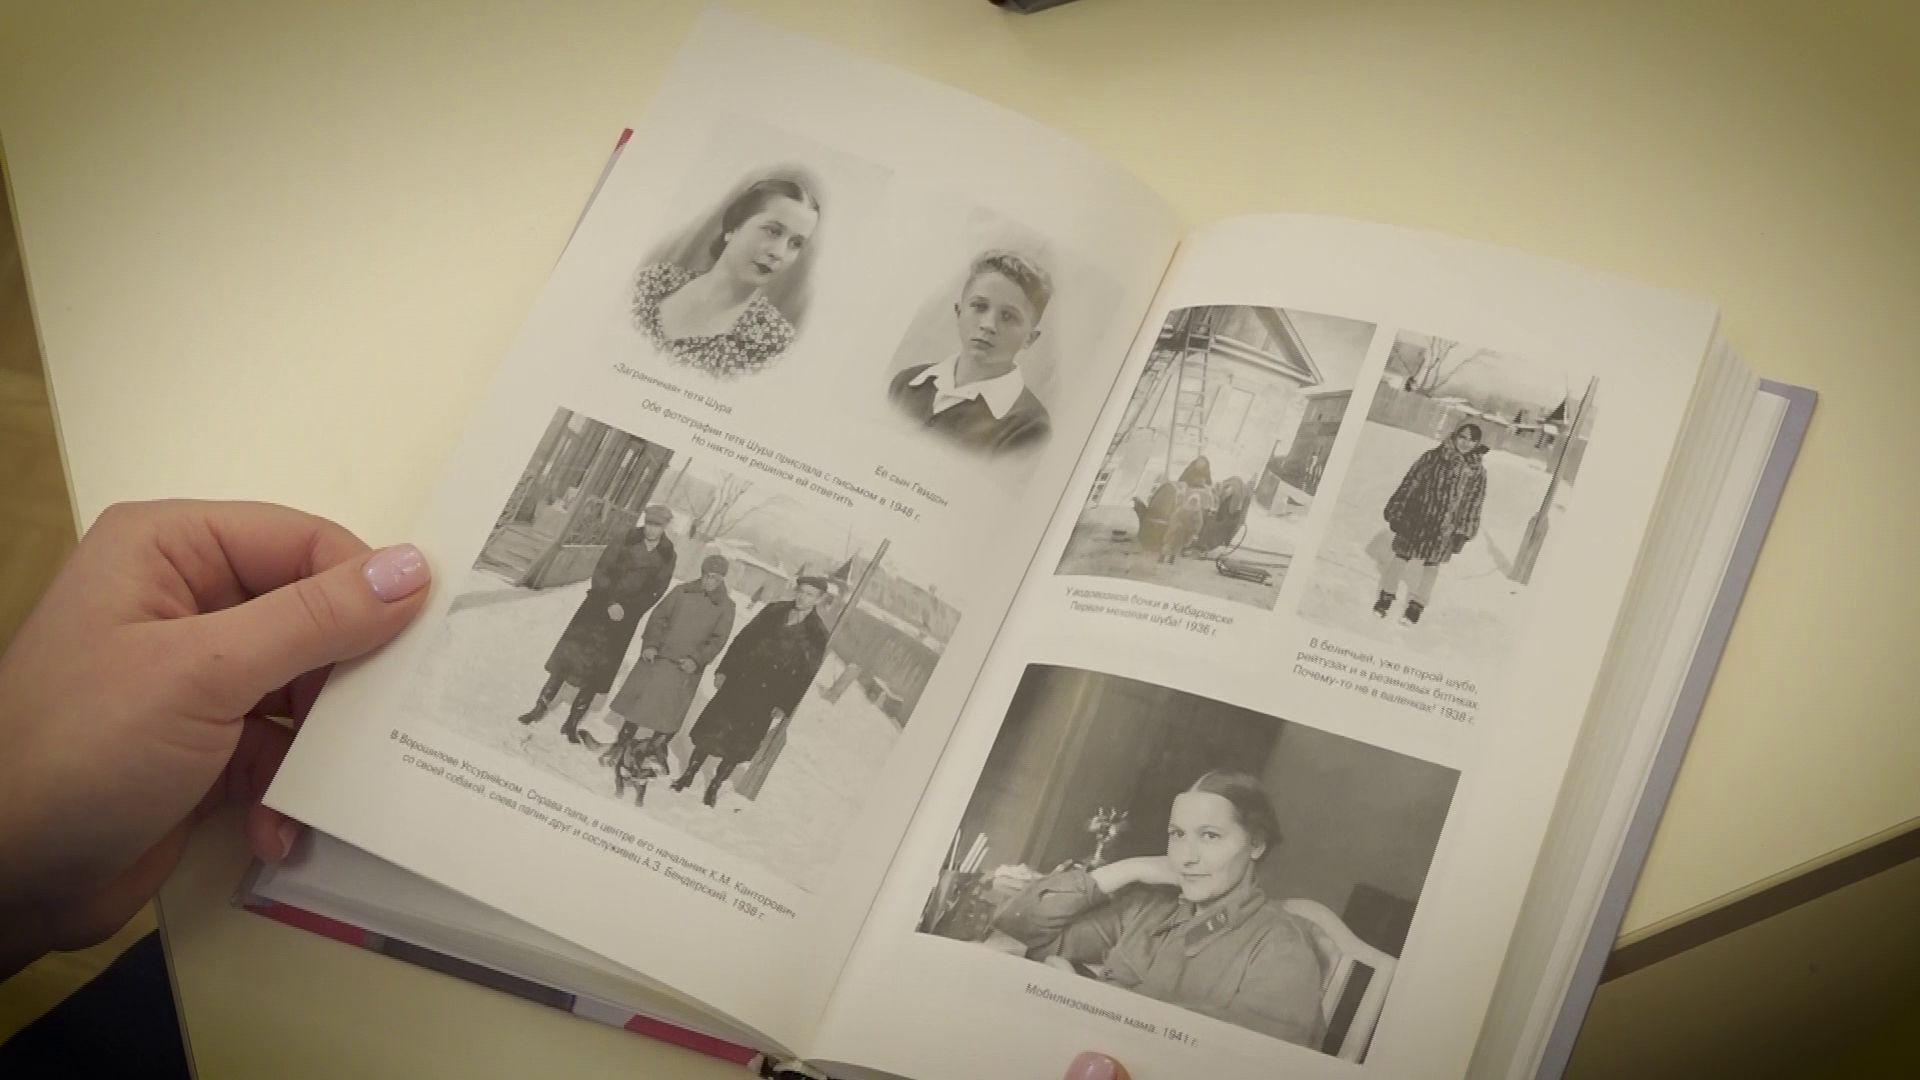 Утреннее шоу «Овсянка» от 22.01.21: читаем книги о советском быте и общаемся с представителями школы каллиграфии